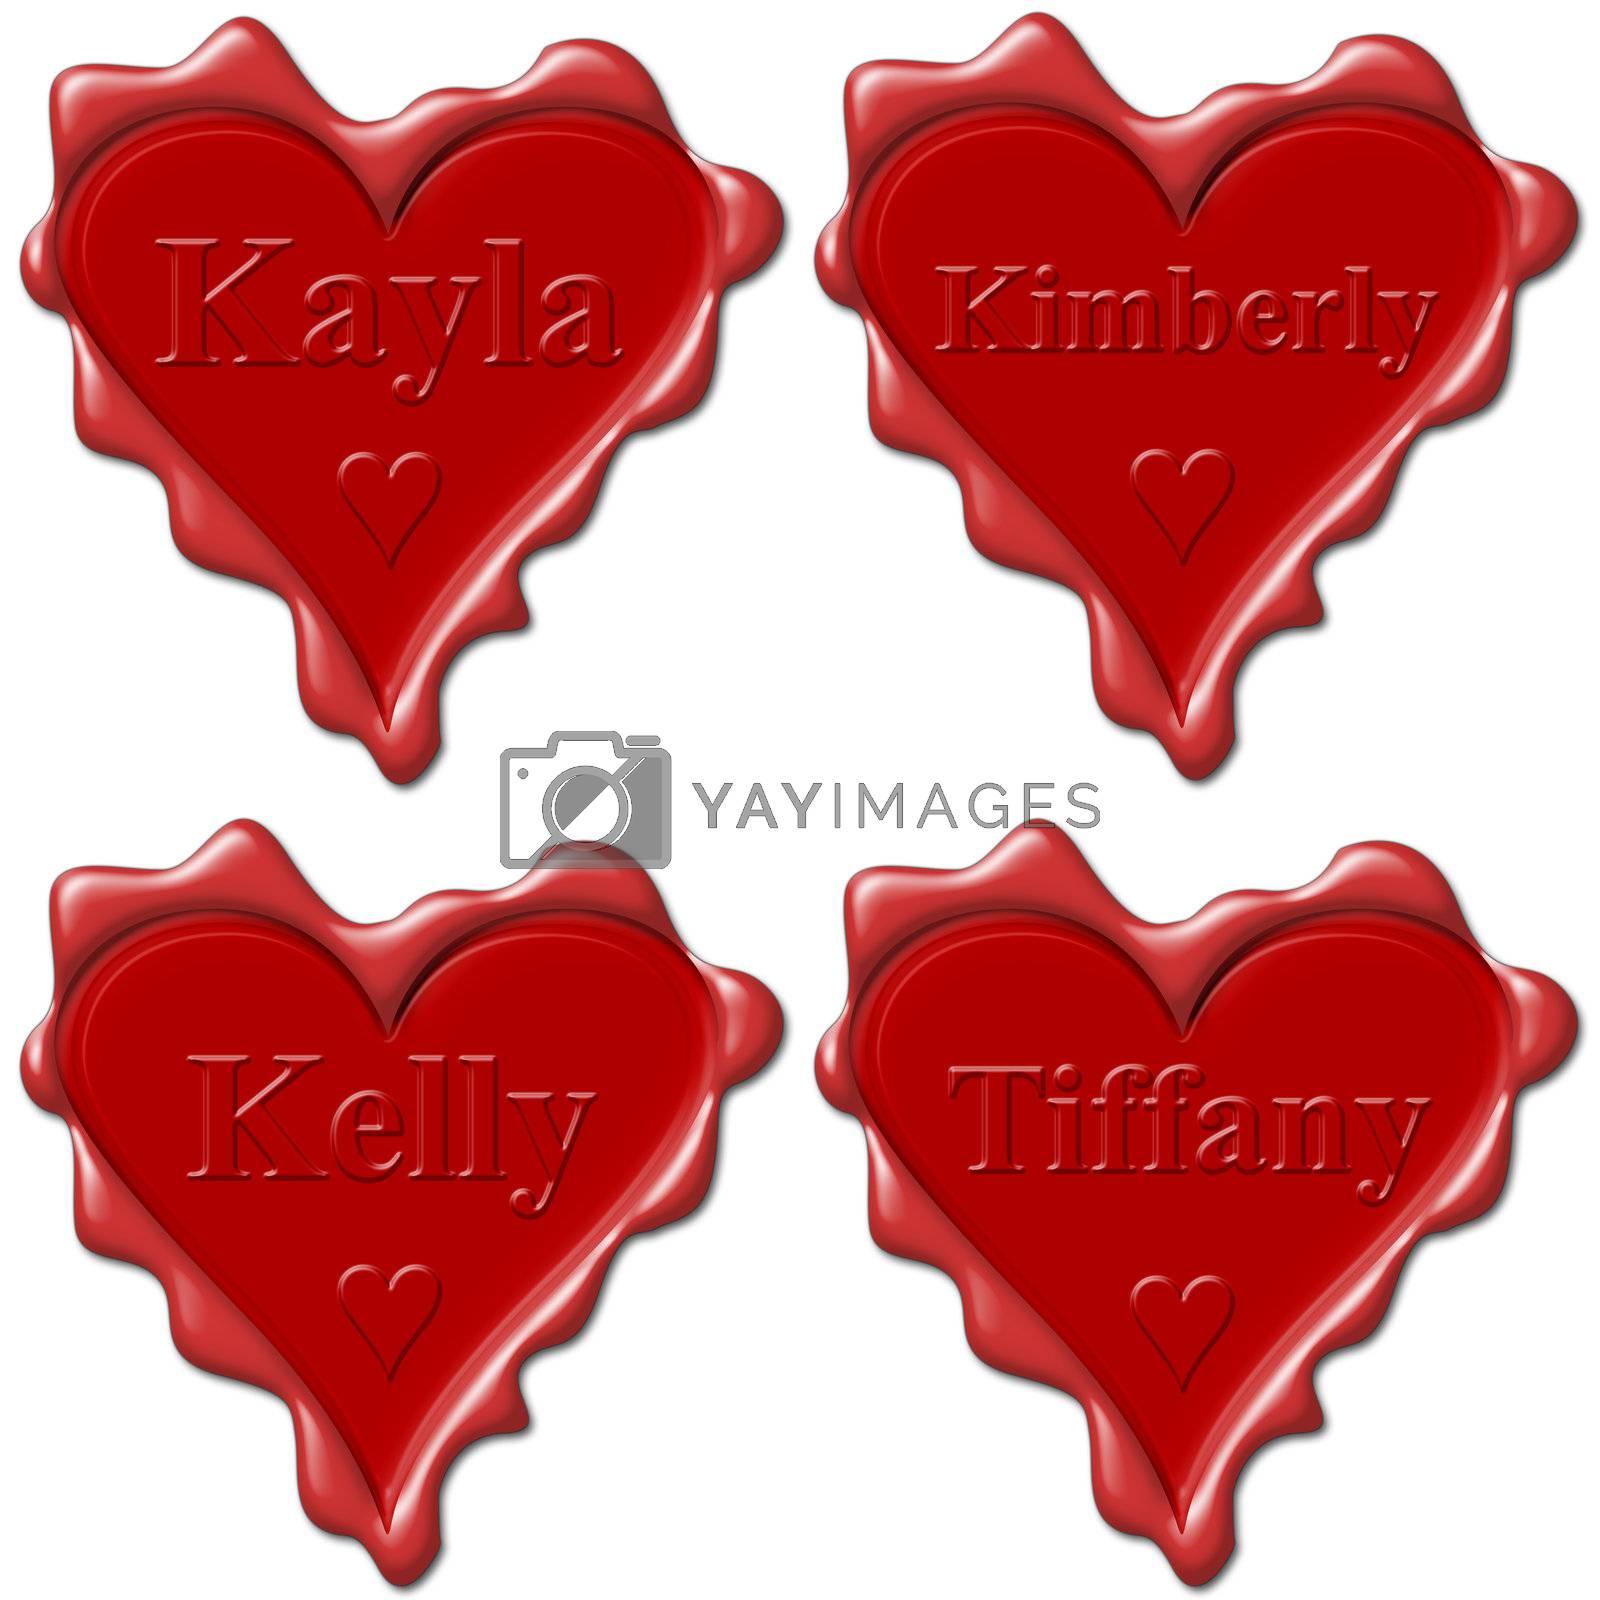 Valentine love hearts with names: Kayla, Kimberly, Kelly, Tiffany